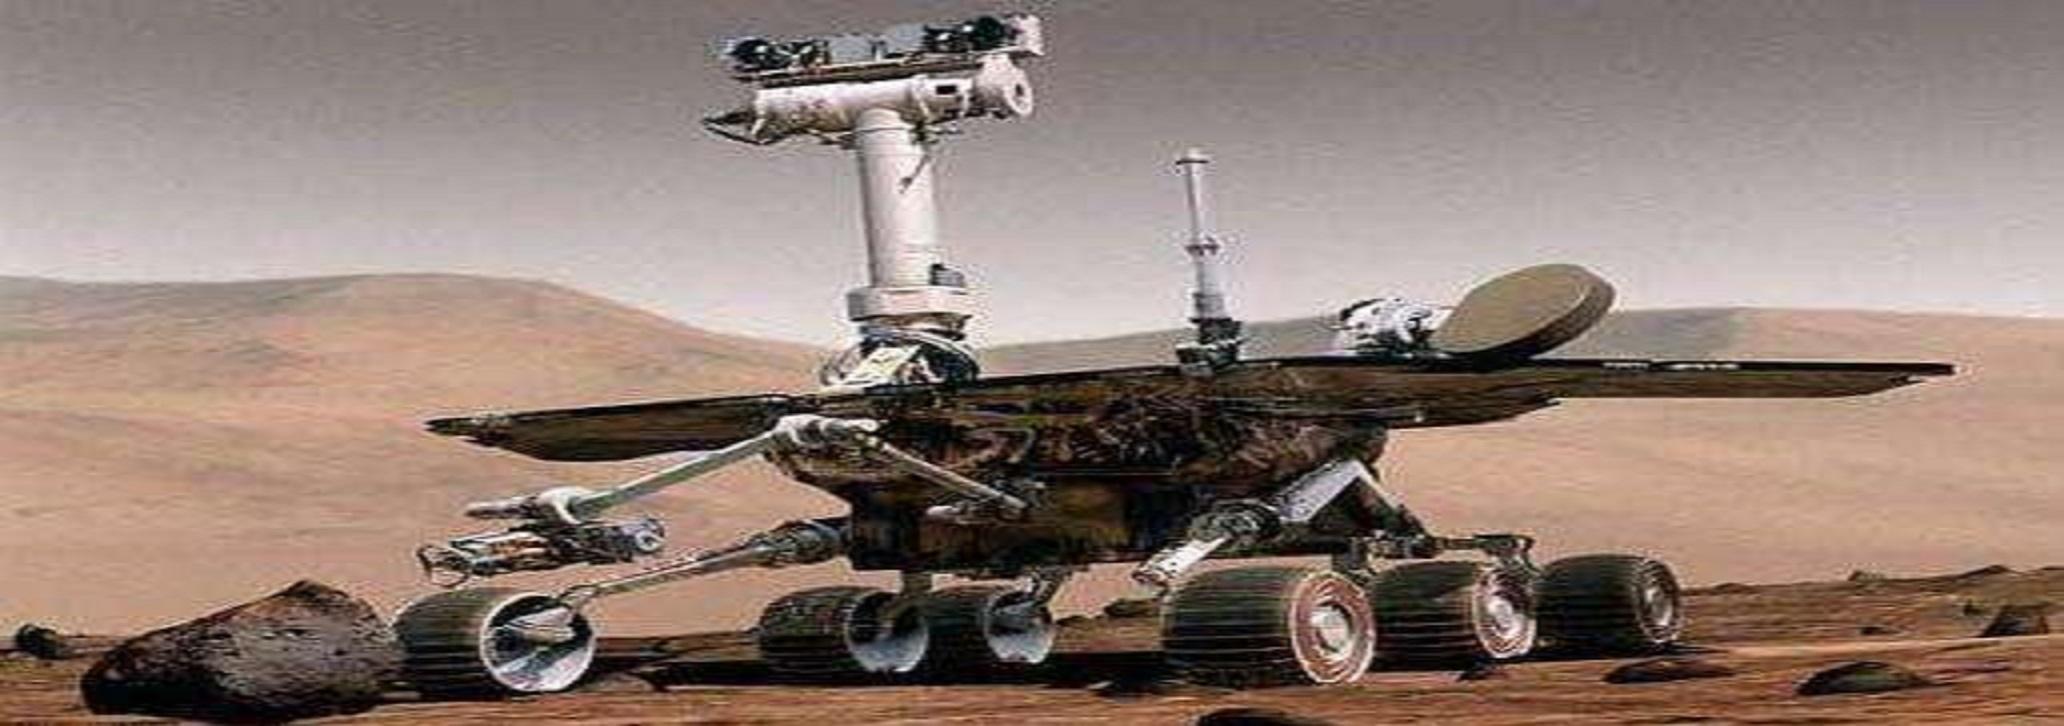 中國火星探測任務首次公開亮相 計劃于2020年擇機實施